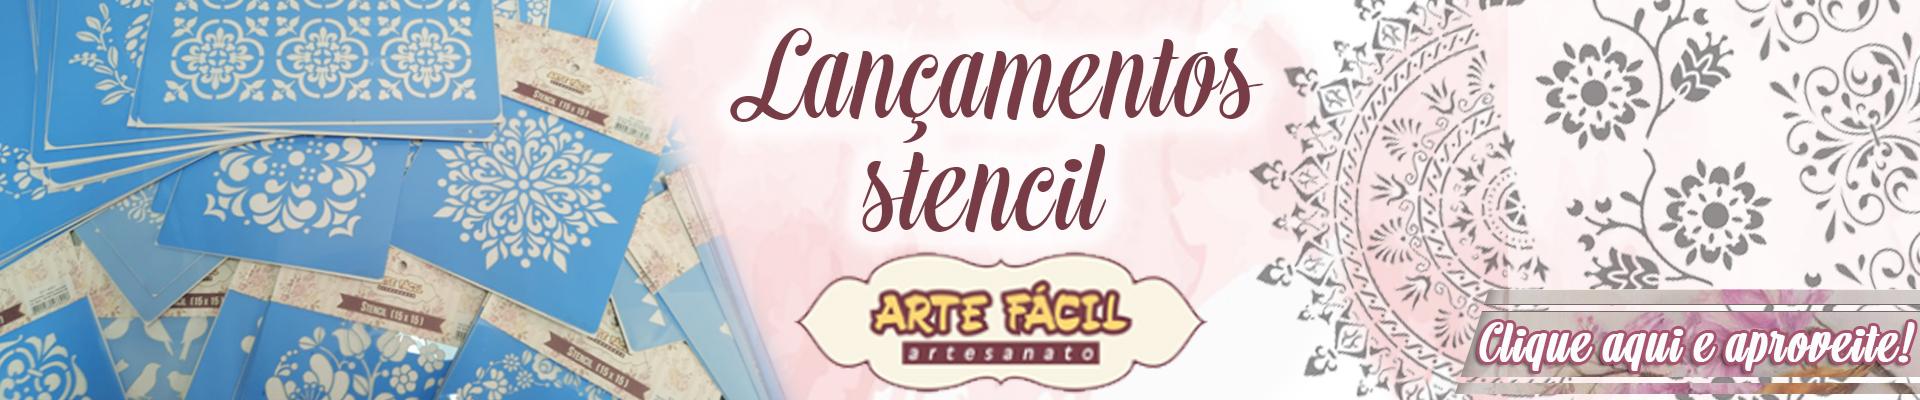 BANNER STENCIL ARTE FACIL